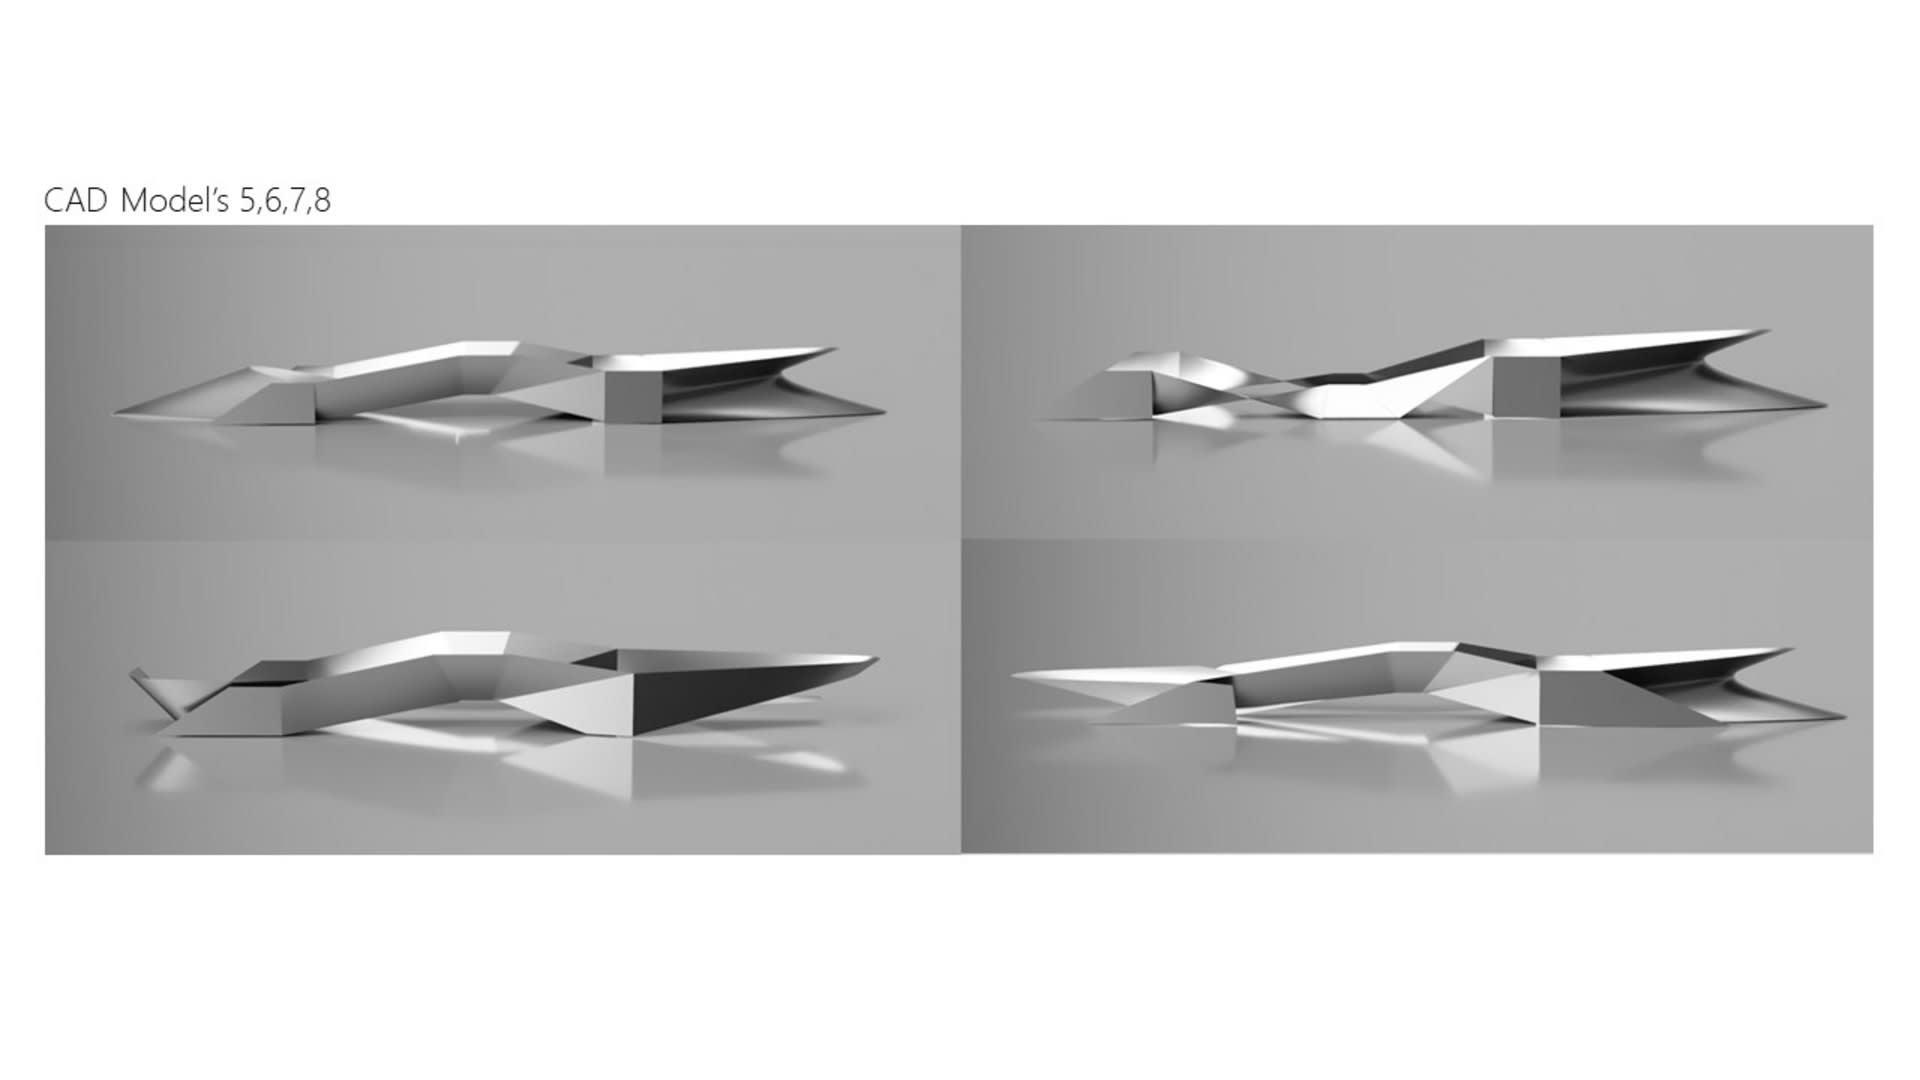 Cad Model's 5,6,7,8